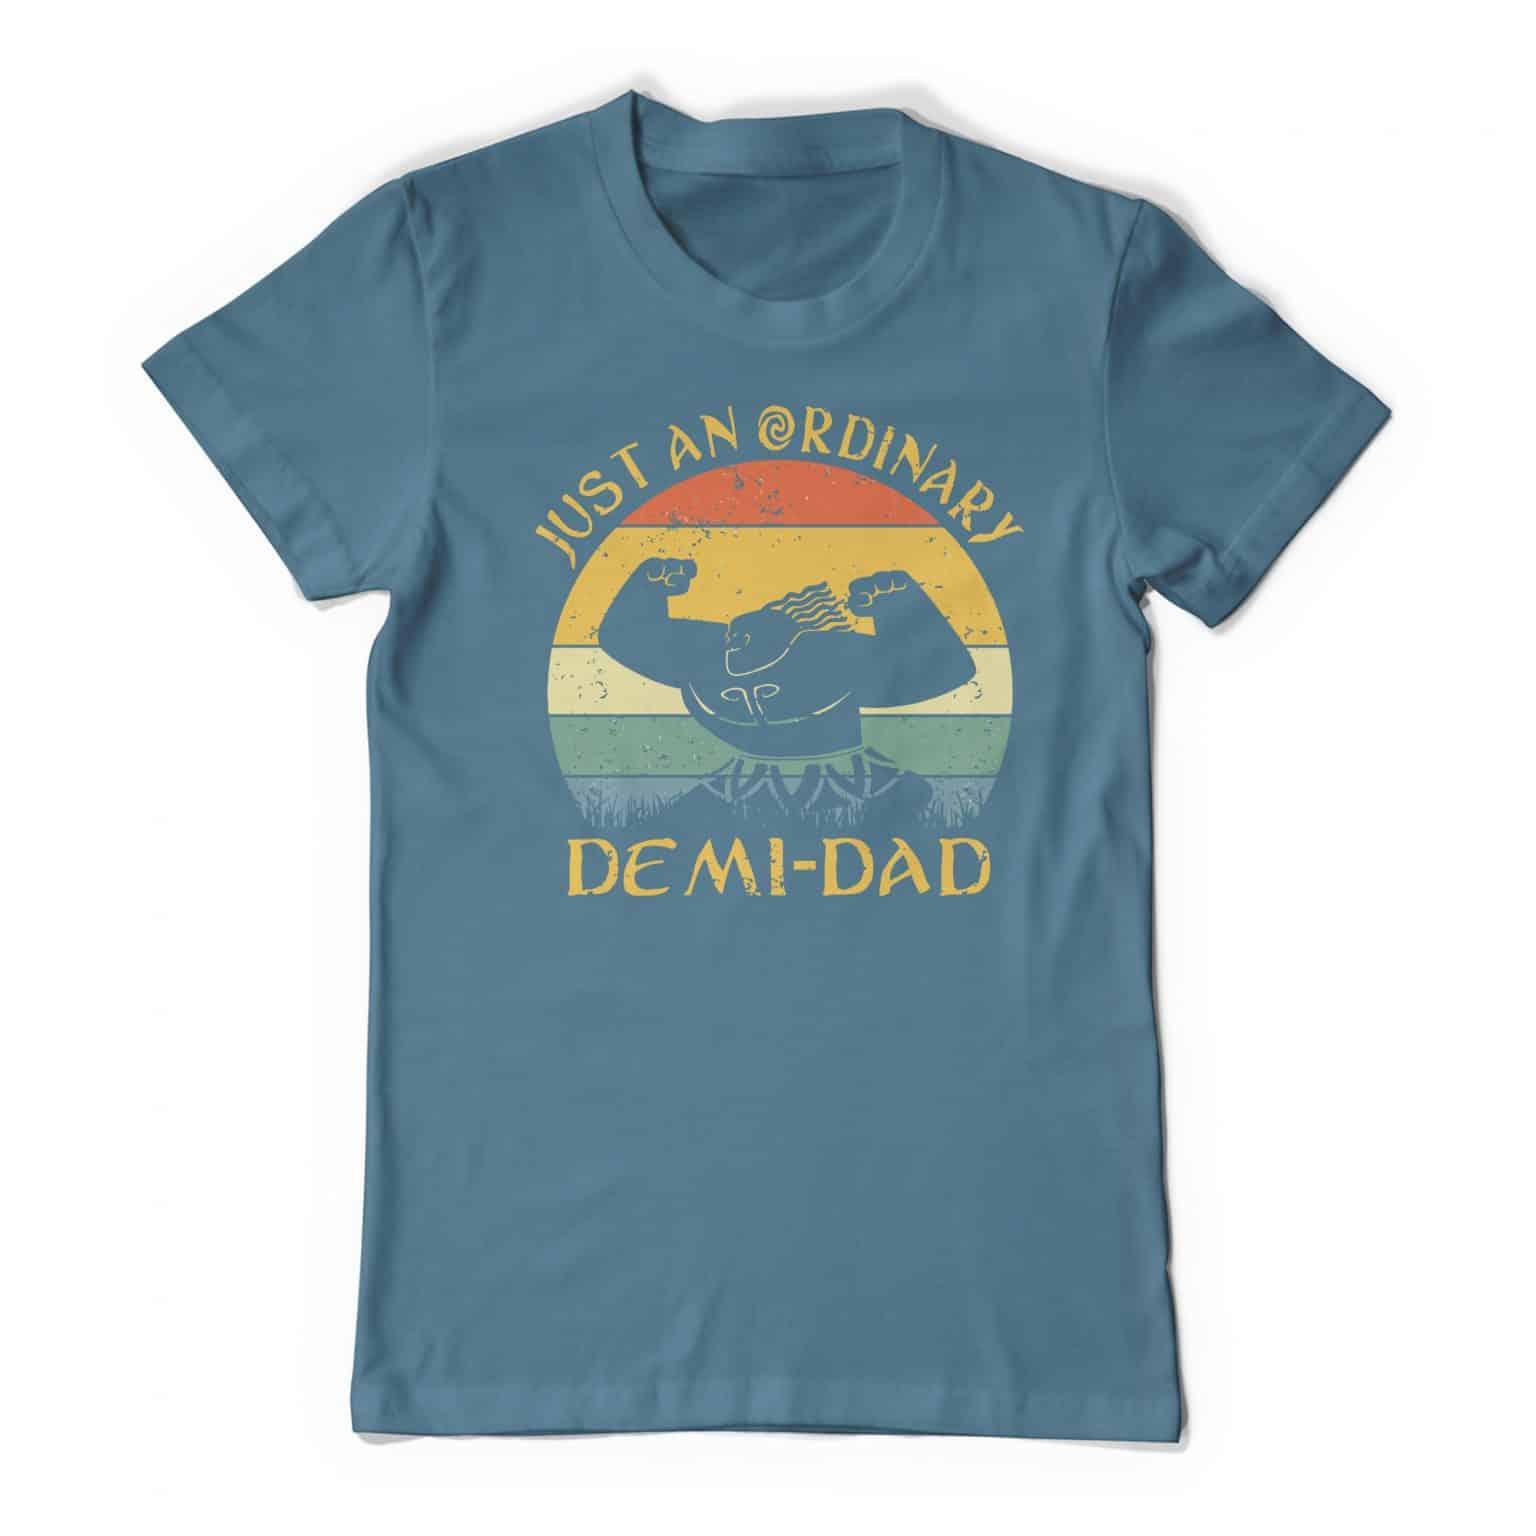 Maui Demigod Dad Tee Shirt Indigo